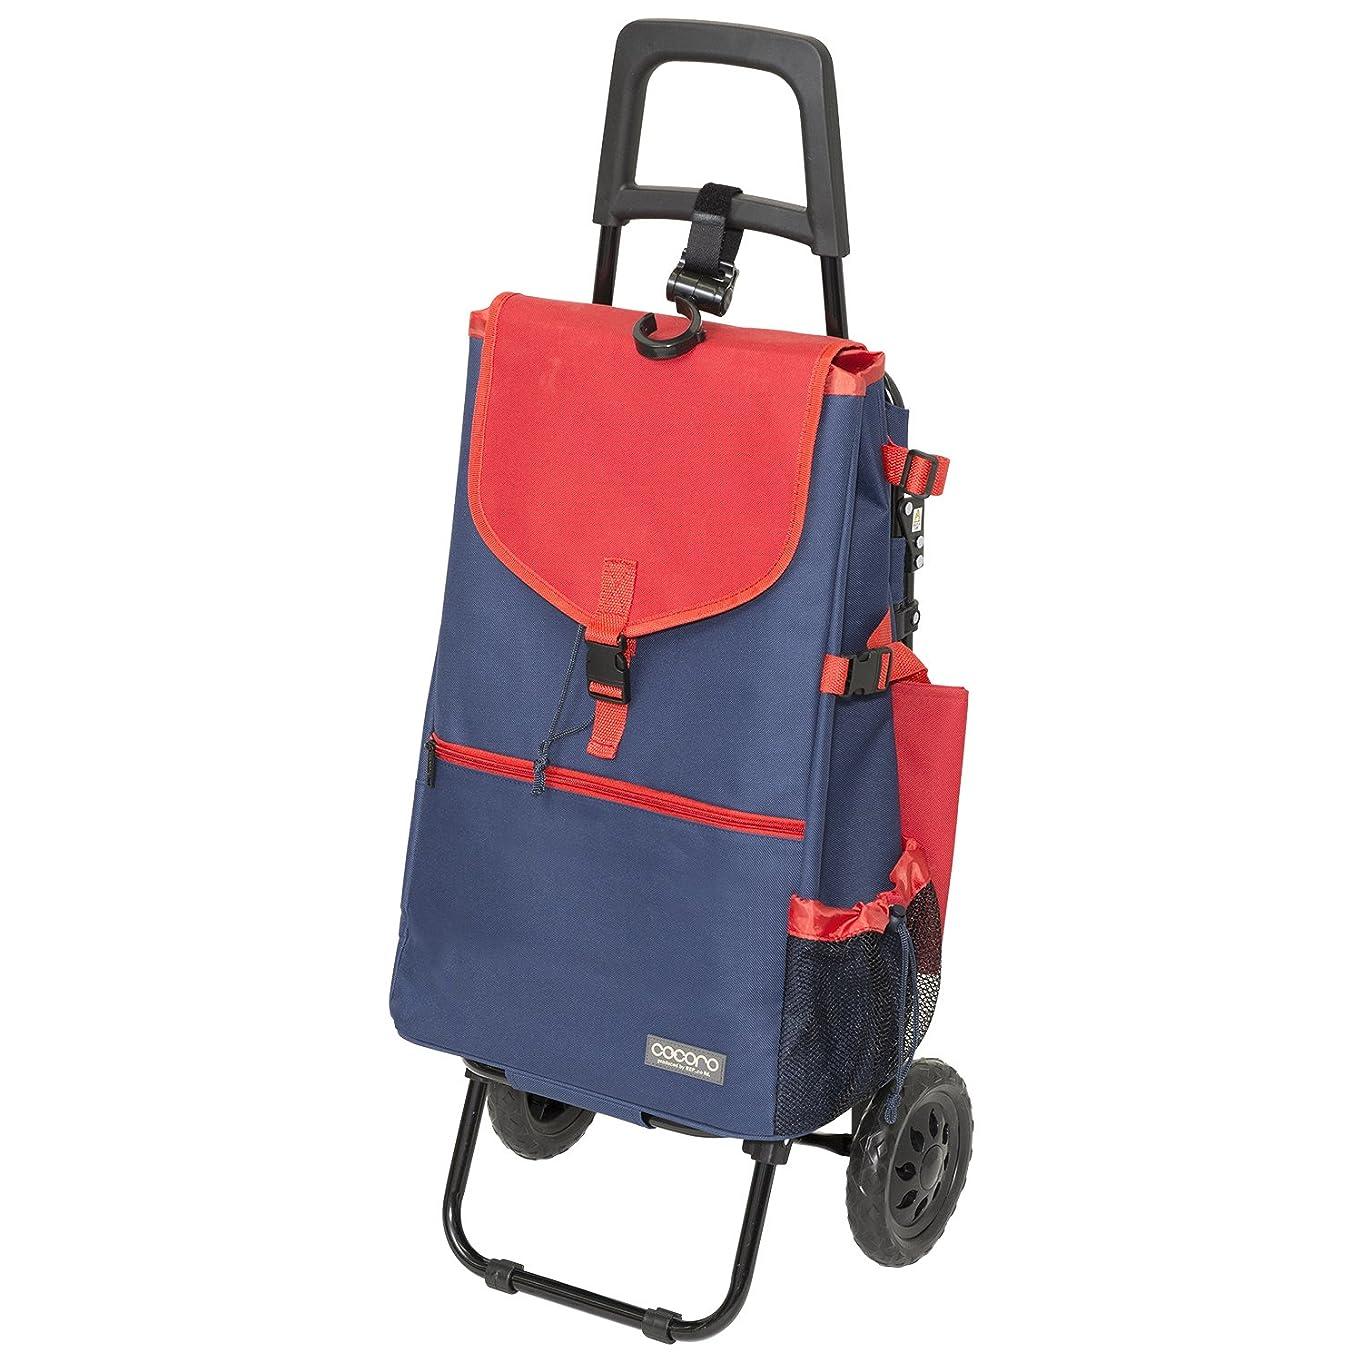 顔料繰り返したバックアップレップ(REP) ショッピングカート ネイビー 容量40L 保冷 買い物 バッグ らくらく COCORO(コ?コロ) 438930